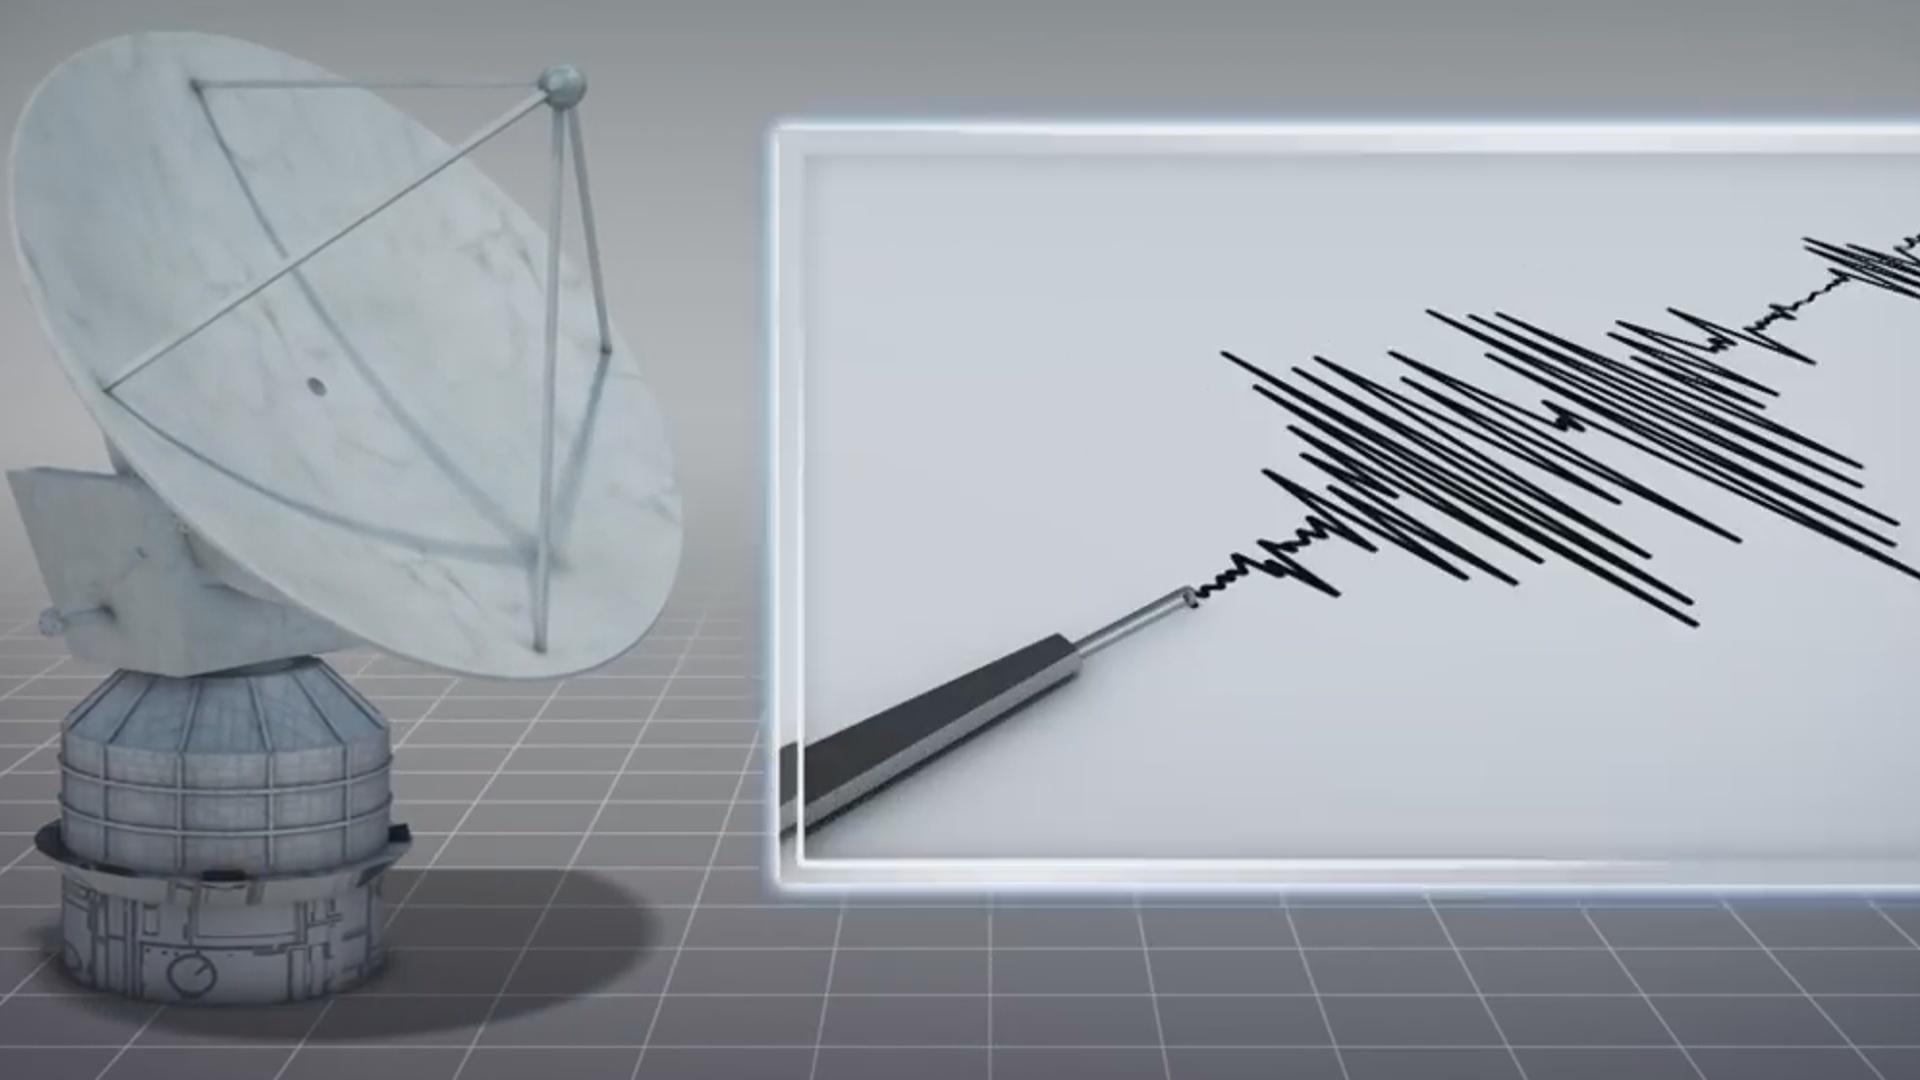 Çinin gizli inşa etdiyi radio anten təbii fəlakətləri öncədən xəbər verəcək